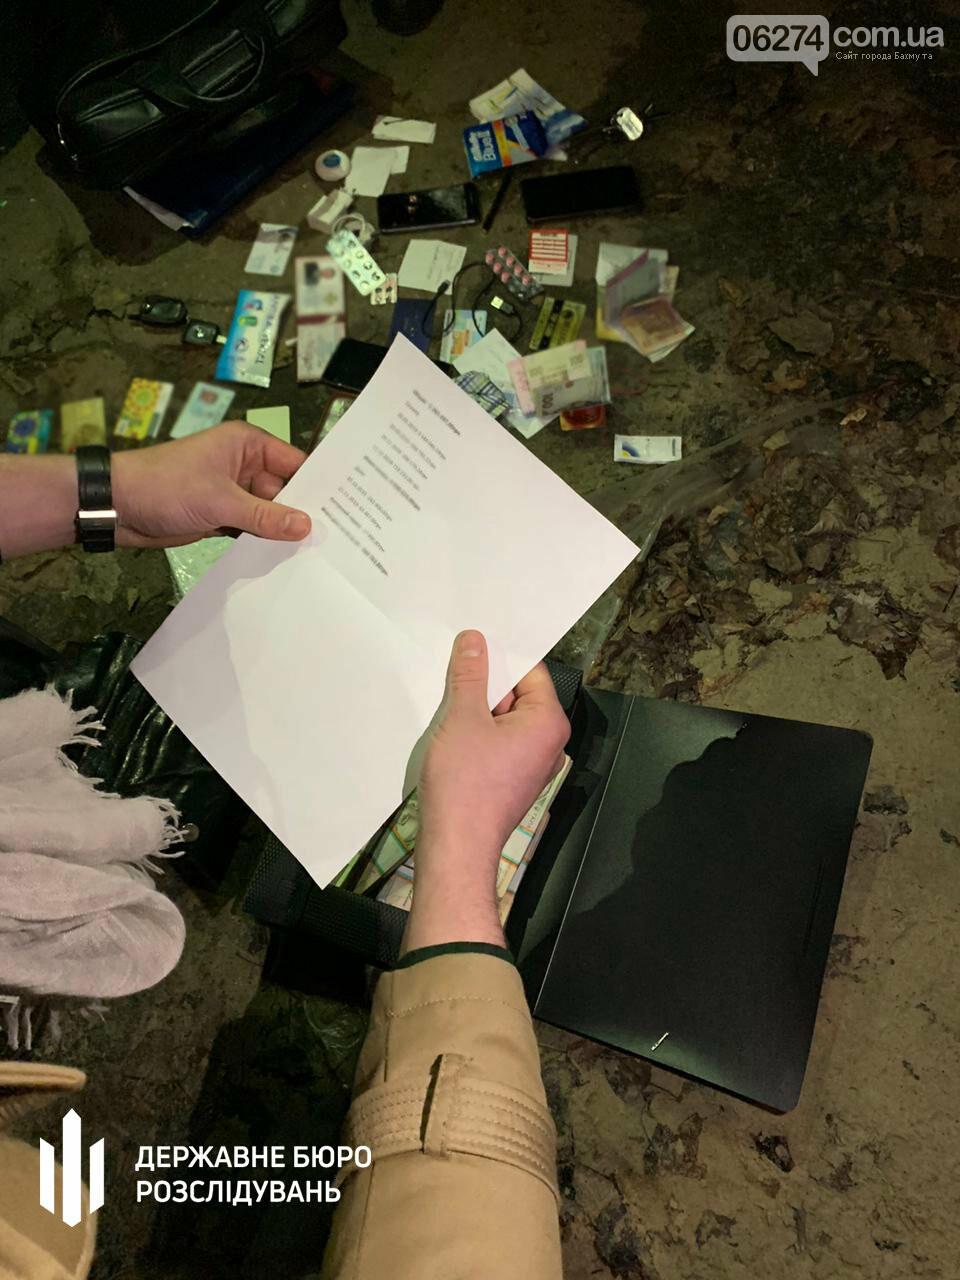 ГБР разоблачило масштабную схему «откатов» в ГП «Артемсоль», фото-3